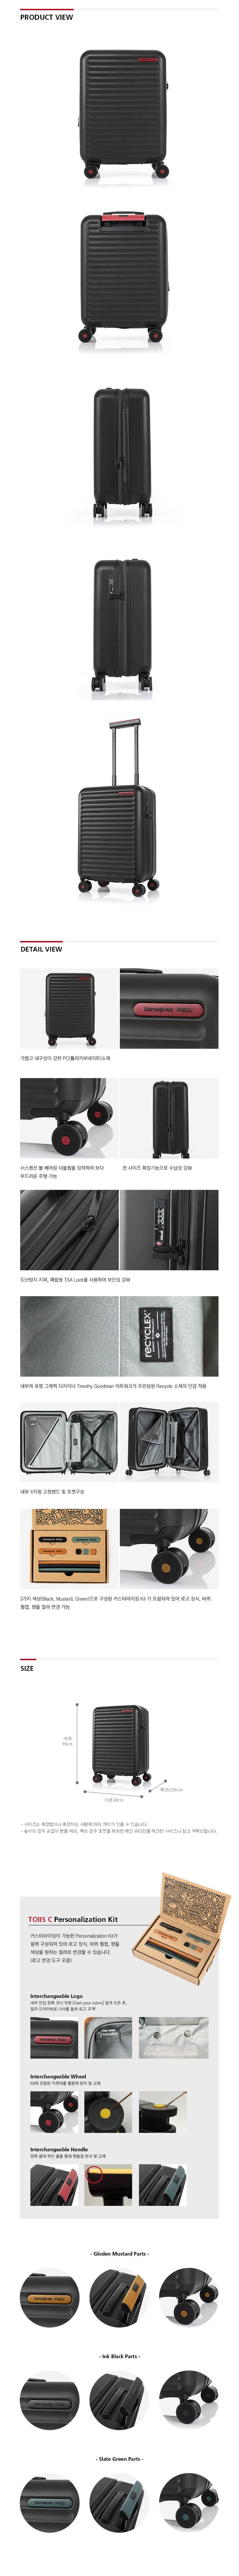 쌤소나이트 레드(SAMSONITE RED) TOIIS C 캐리어 55/20 EXP INK BLACK HG019004